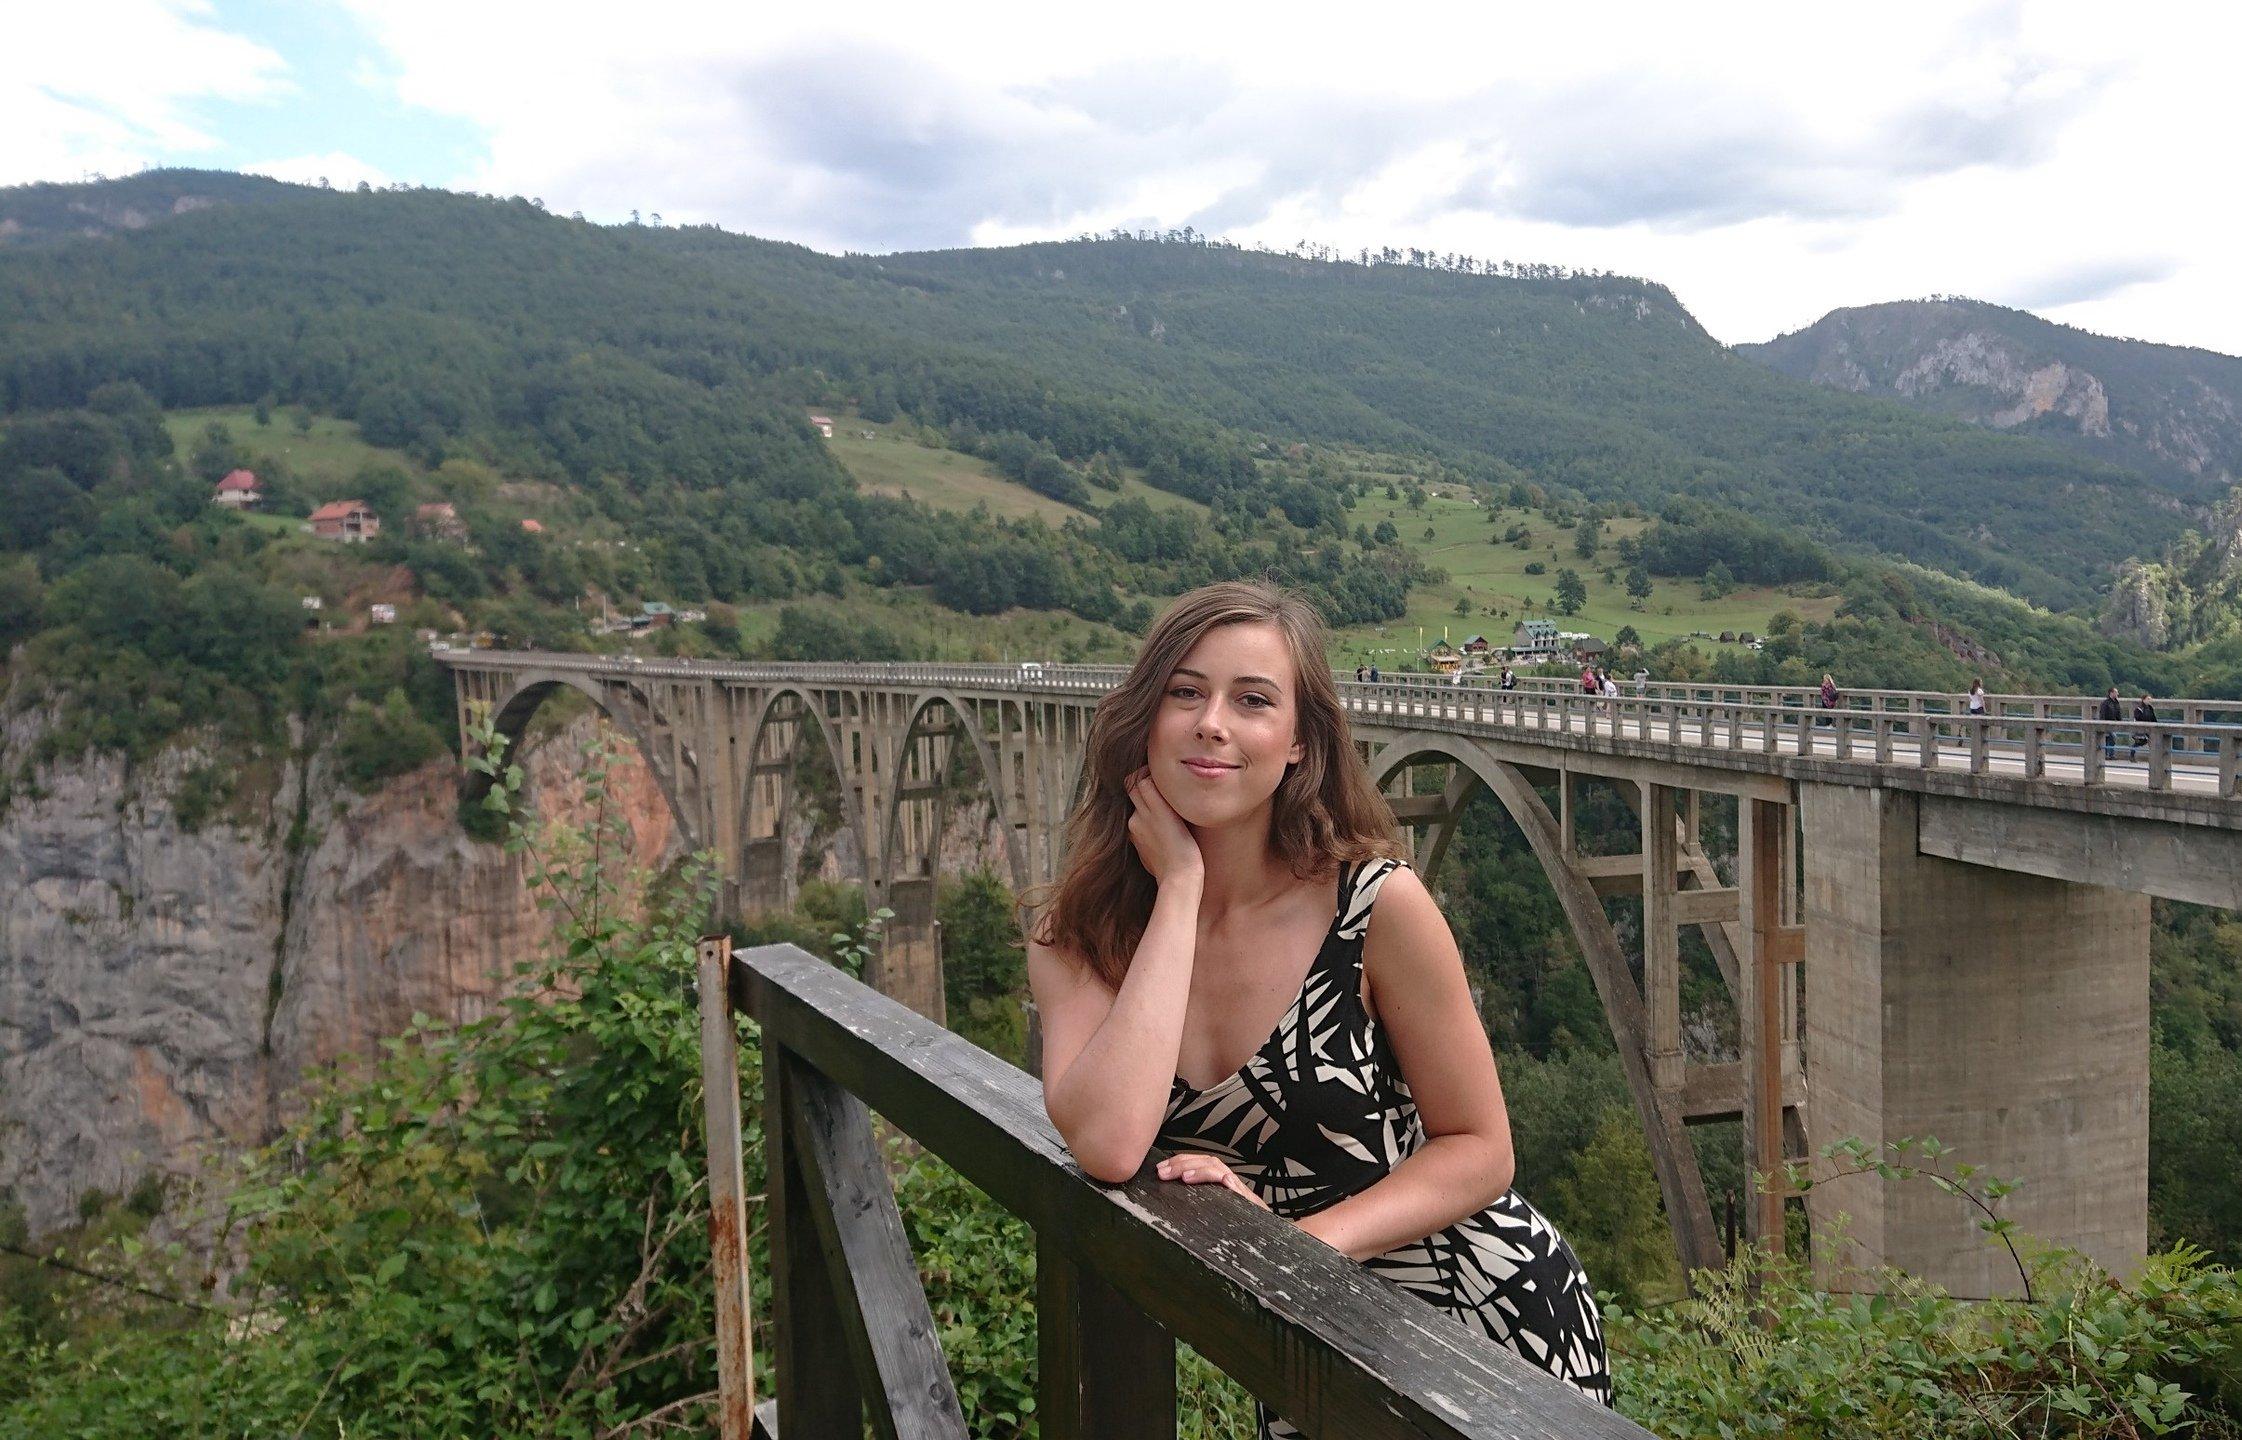 Margarita Filippova, UA Manager at IQ Option travelling